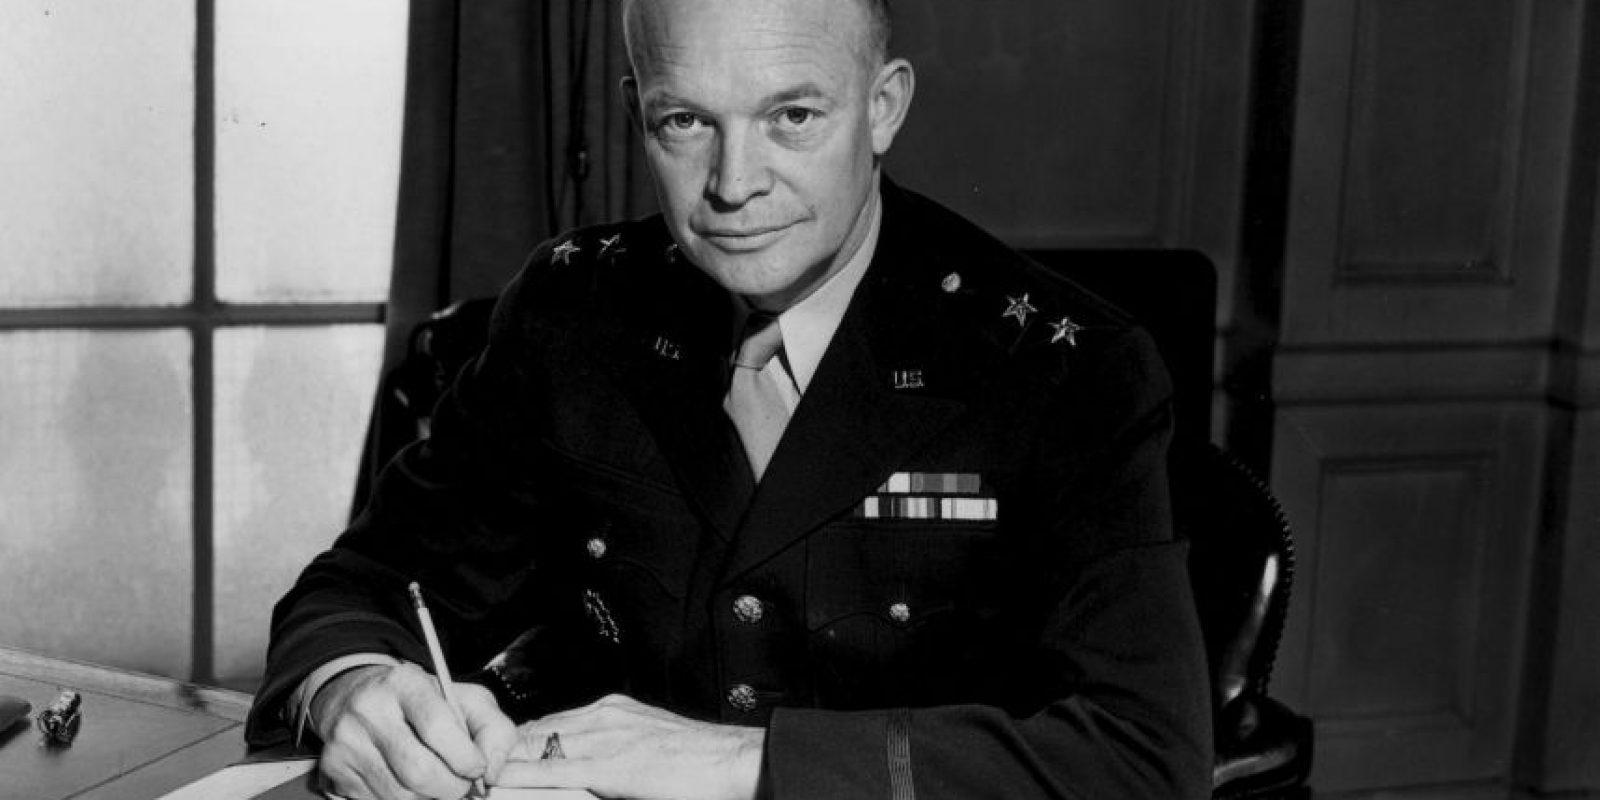 El 3 de enero de 1961, el presidente de Estados Unidos Dwight D. Eisenhower, rompe relaciones con Cuba y ordena el cierre de la embajada. Foto:Getty Images